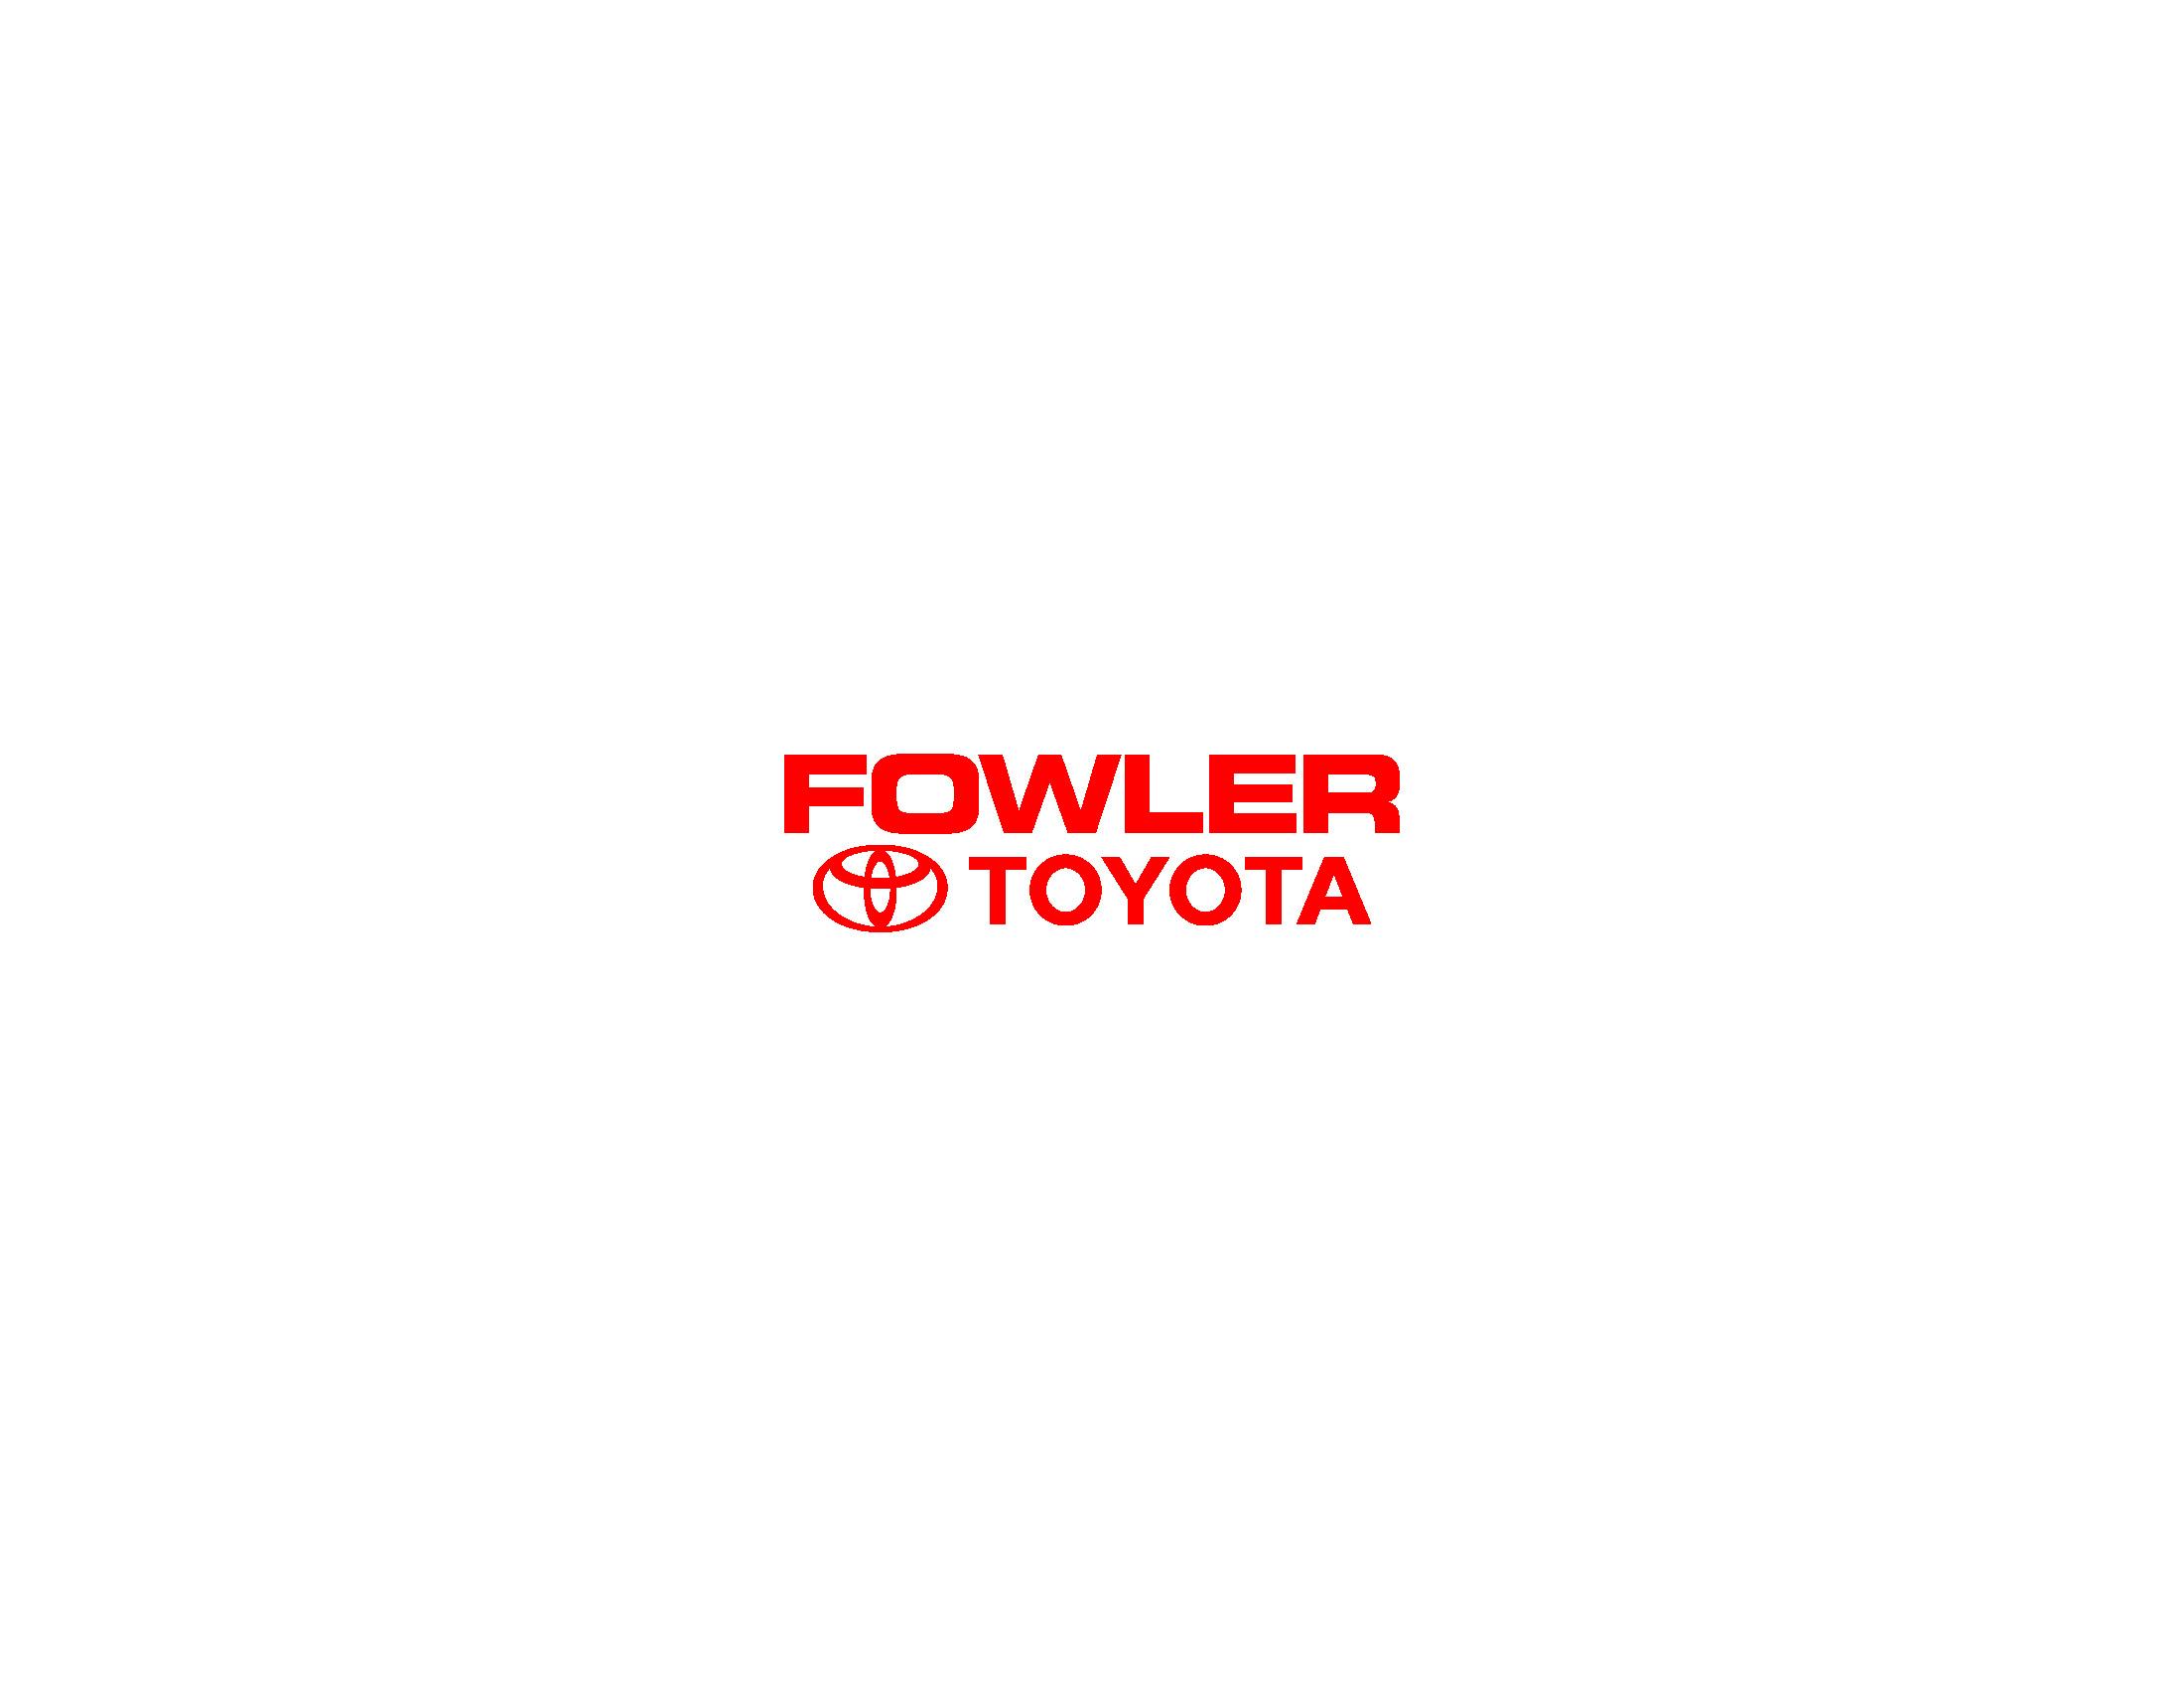 Fowler_Toyota_logo.jpg